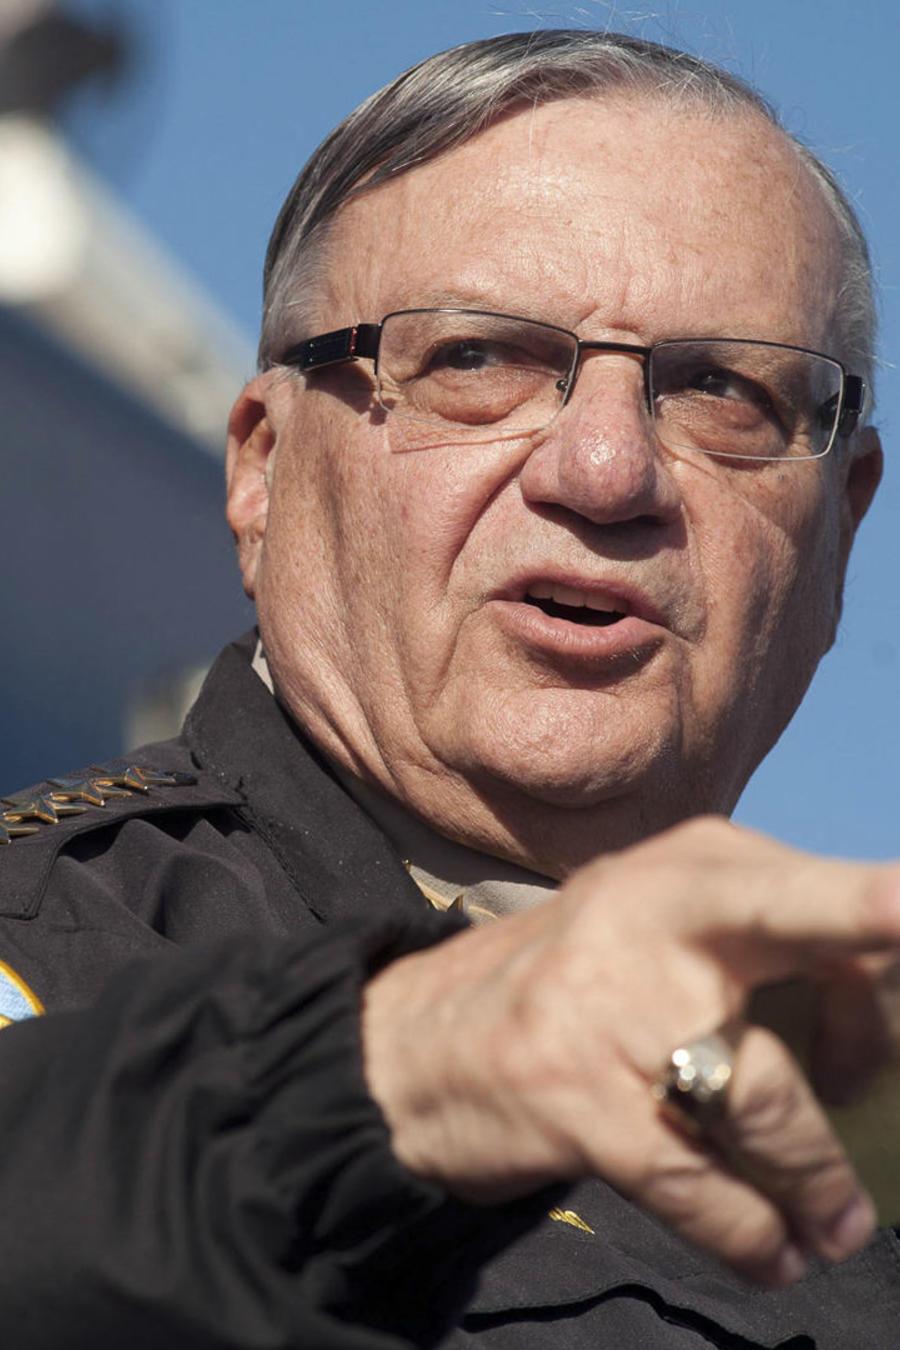 Foto de archivo tomada en el año 2013 durante un anuncio del entonces alguacil del condado Maricopa en Arizona, Joe Arpaio.